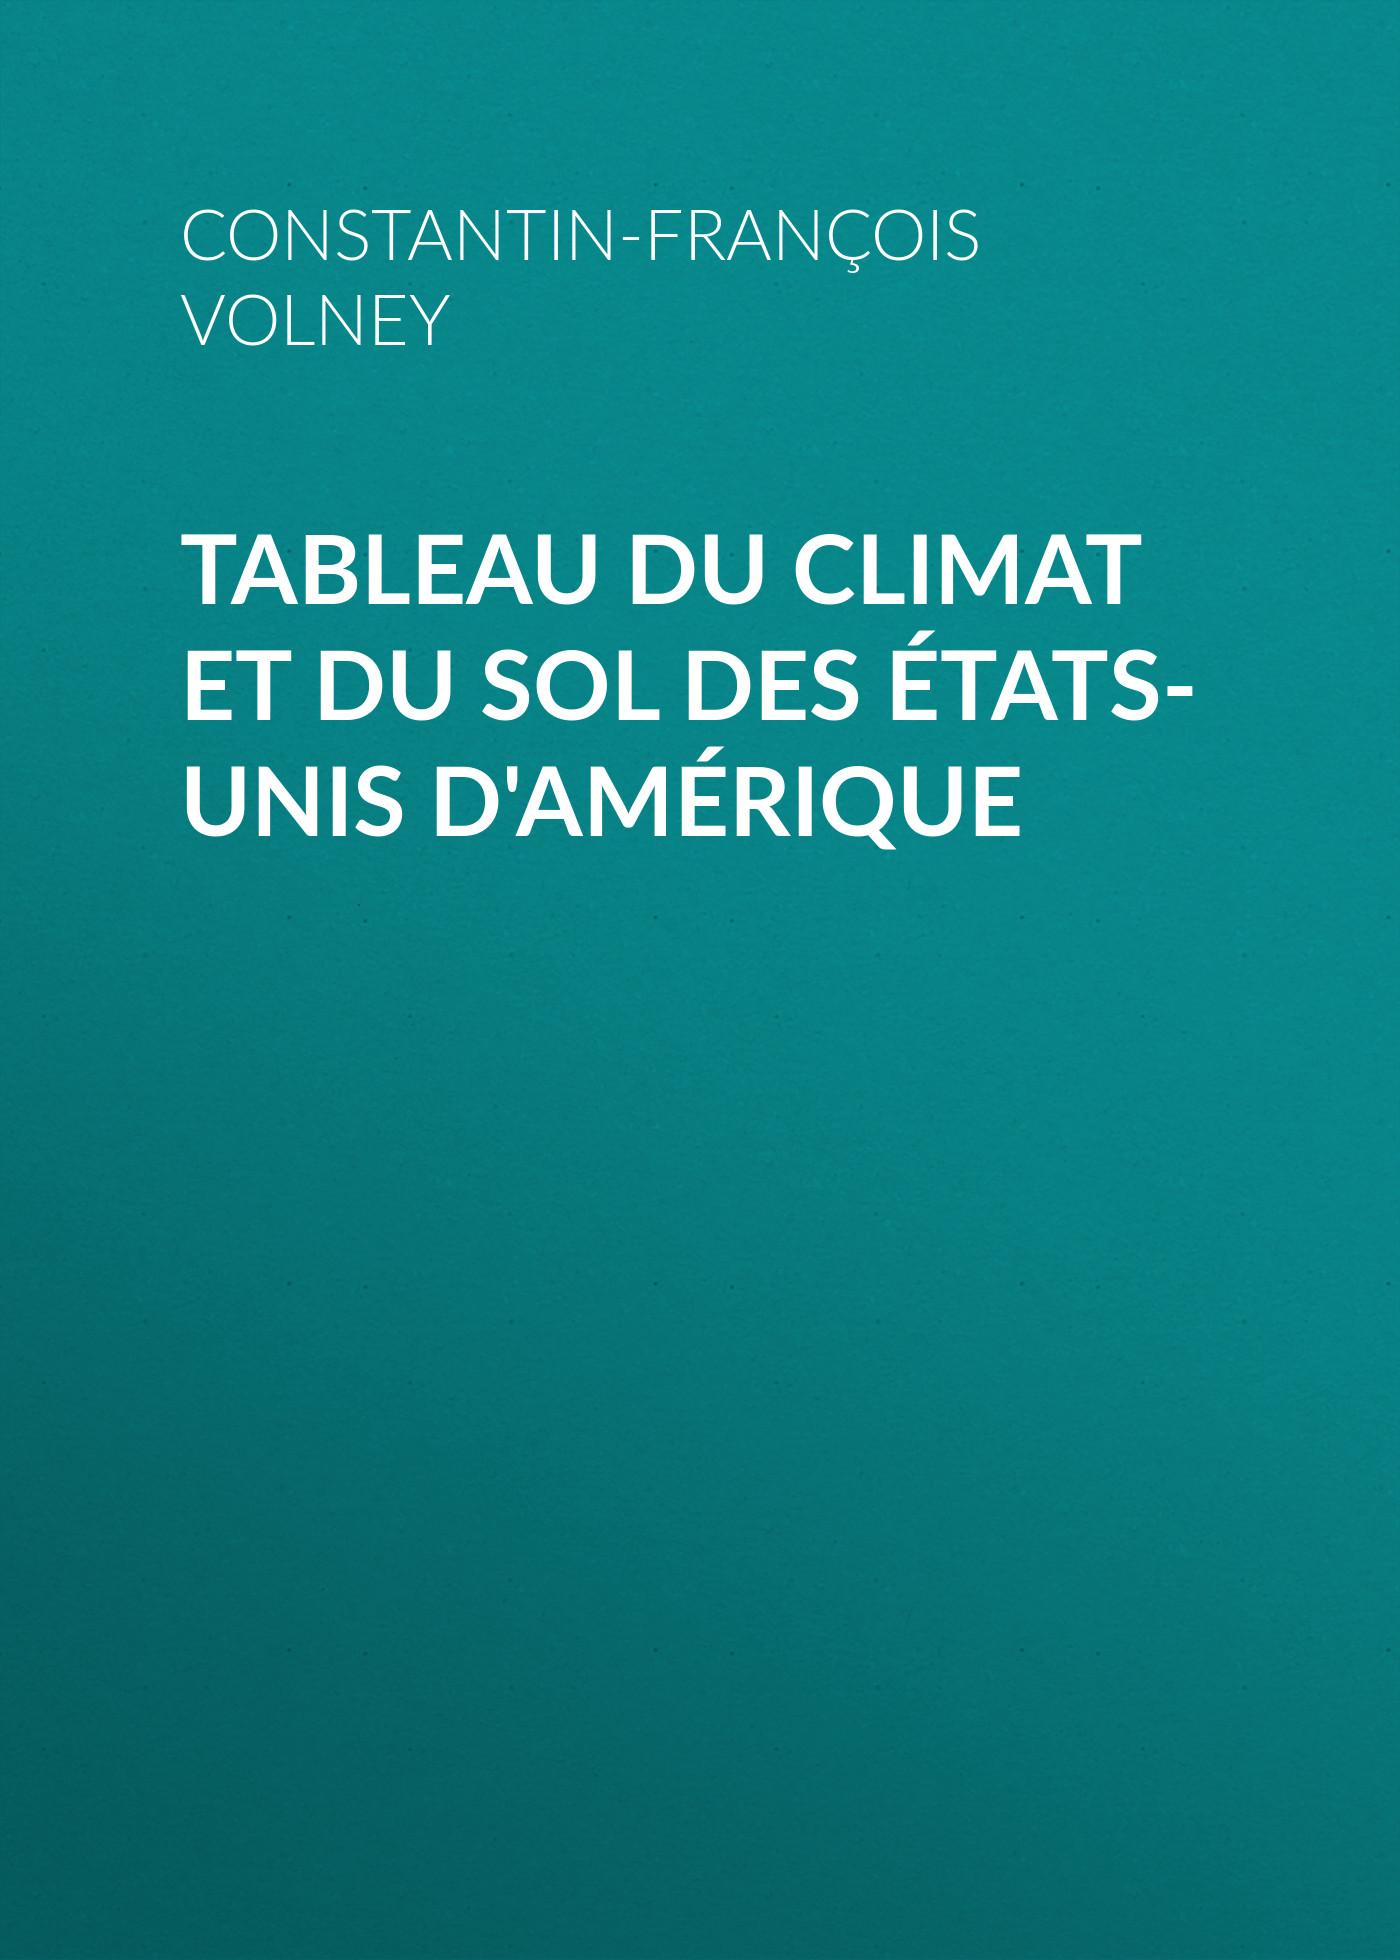 Constantin-François Volney Tableau du climat et du sol des États-Unis d'Amérique